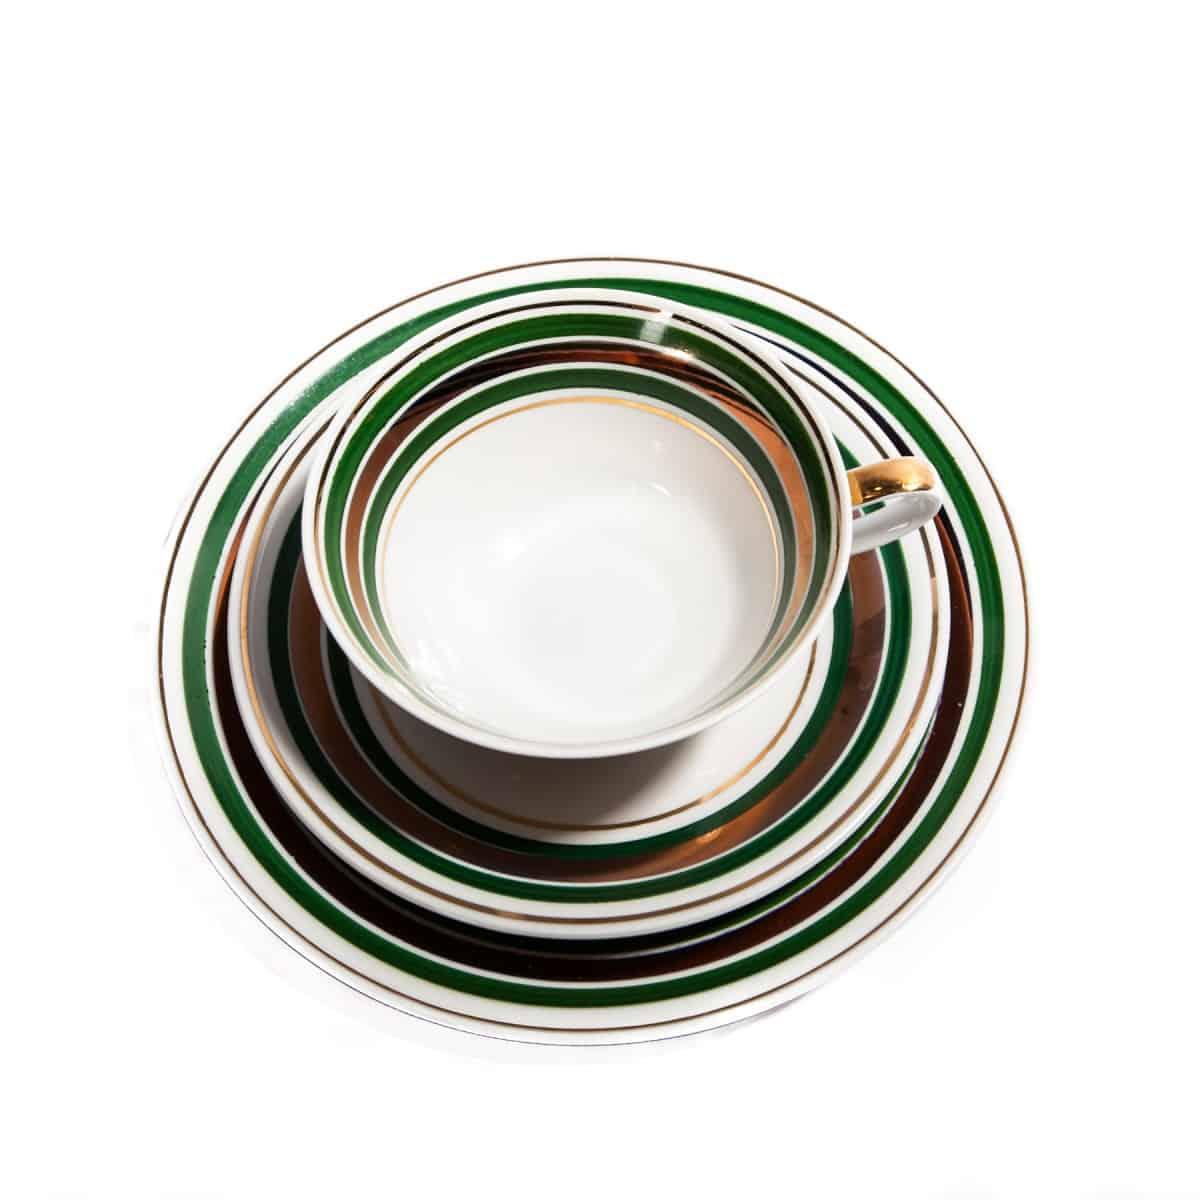 Чайная тройка с зелеными и золотыми полосками